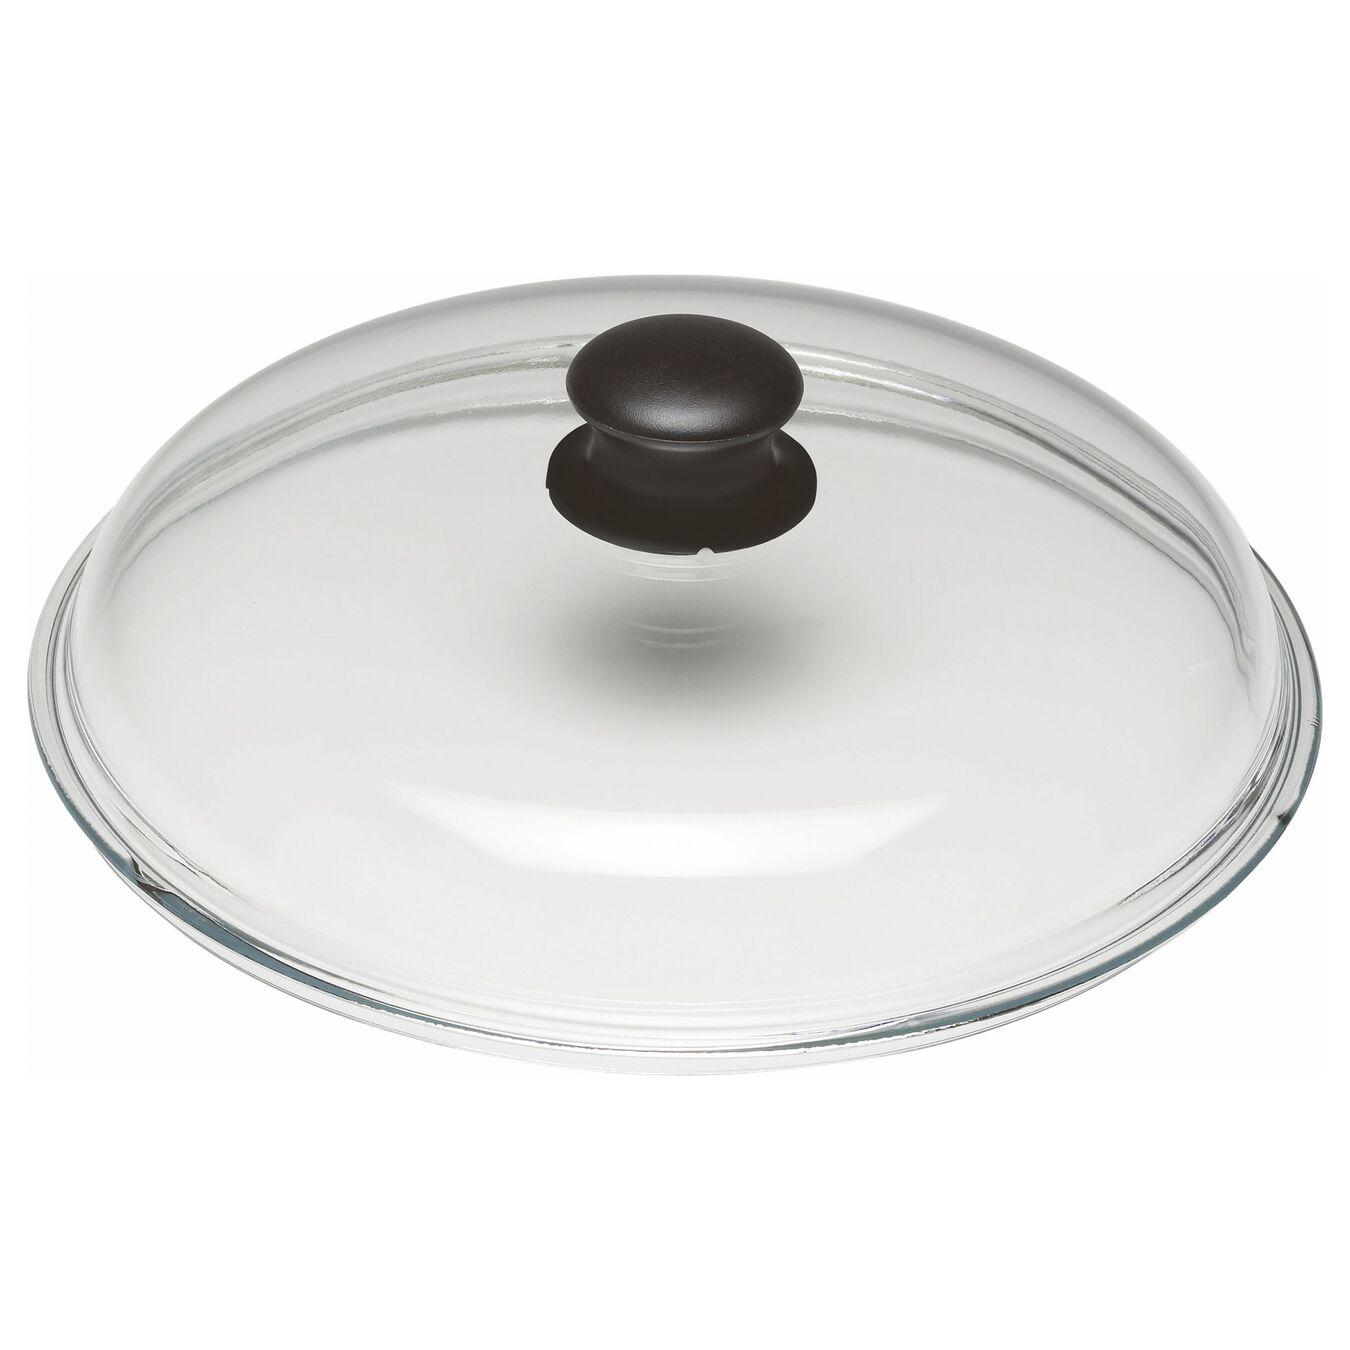 Deckel, 20 cm | rund | Glas,,large 1